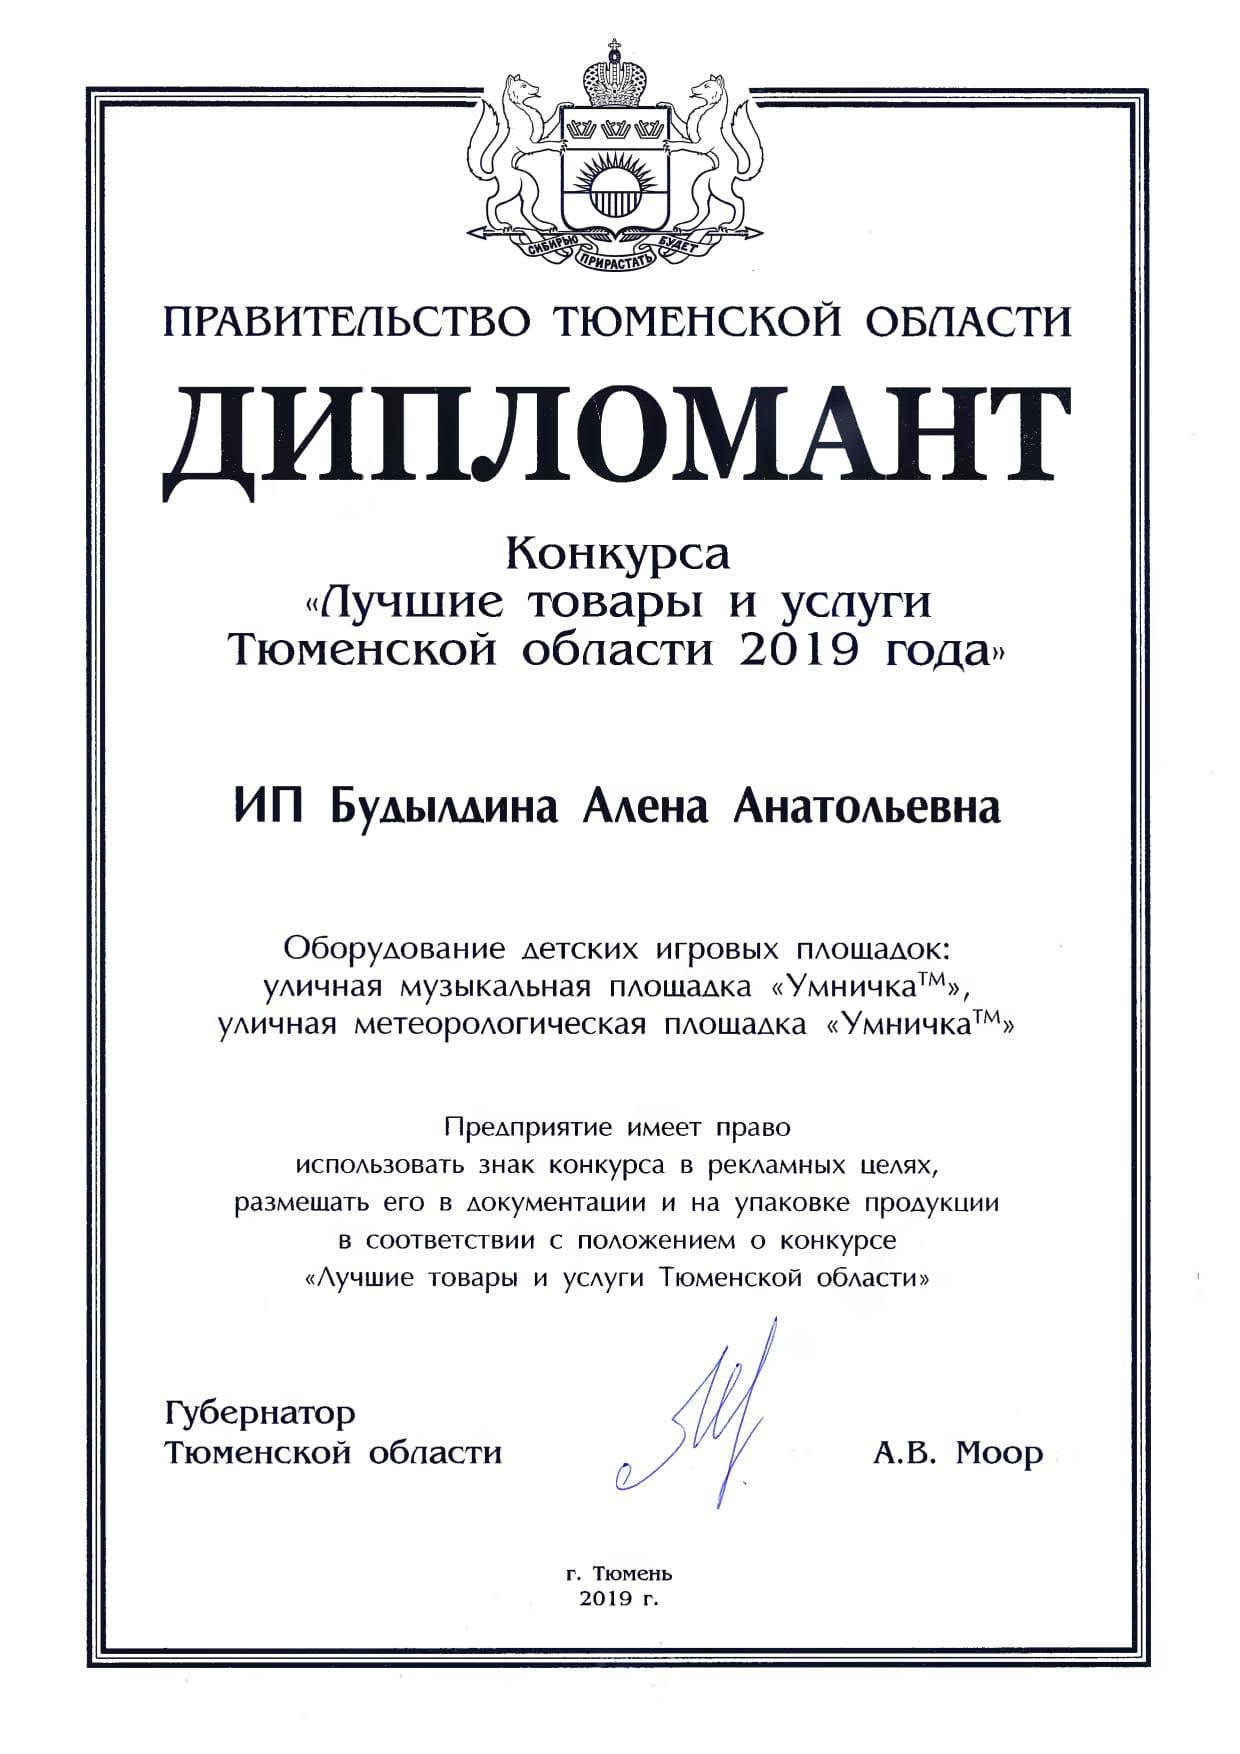 """Награда конкурса """"Лучшие товары и услуги Тюменской области 2019"""""""